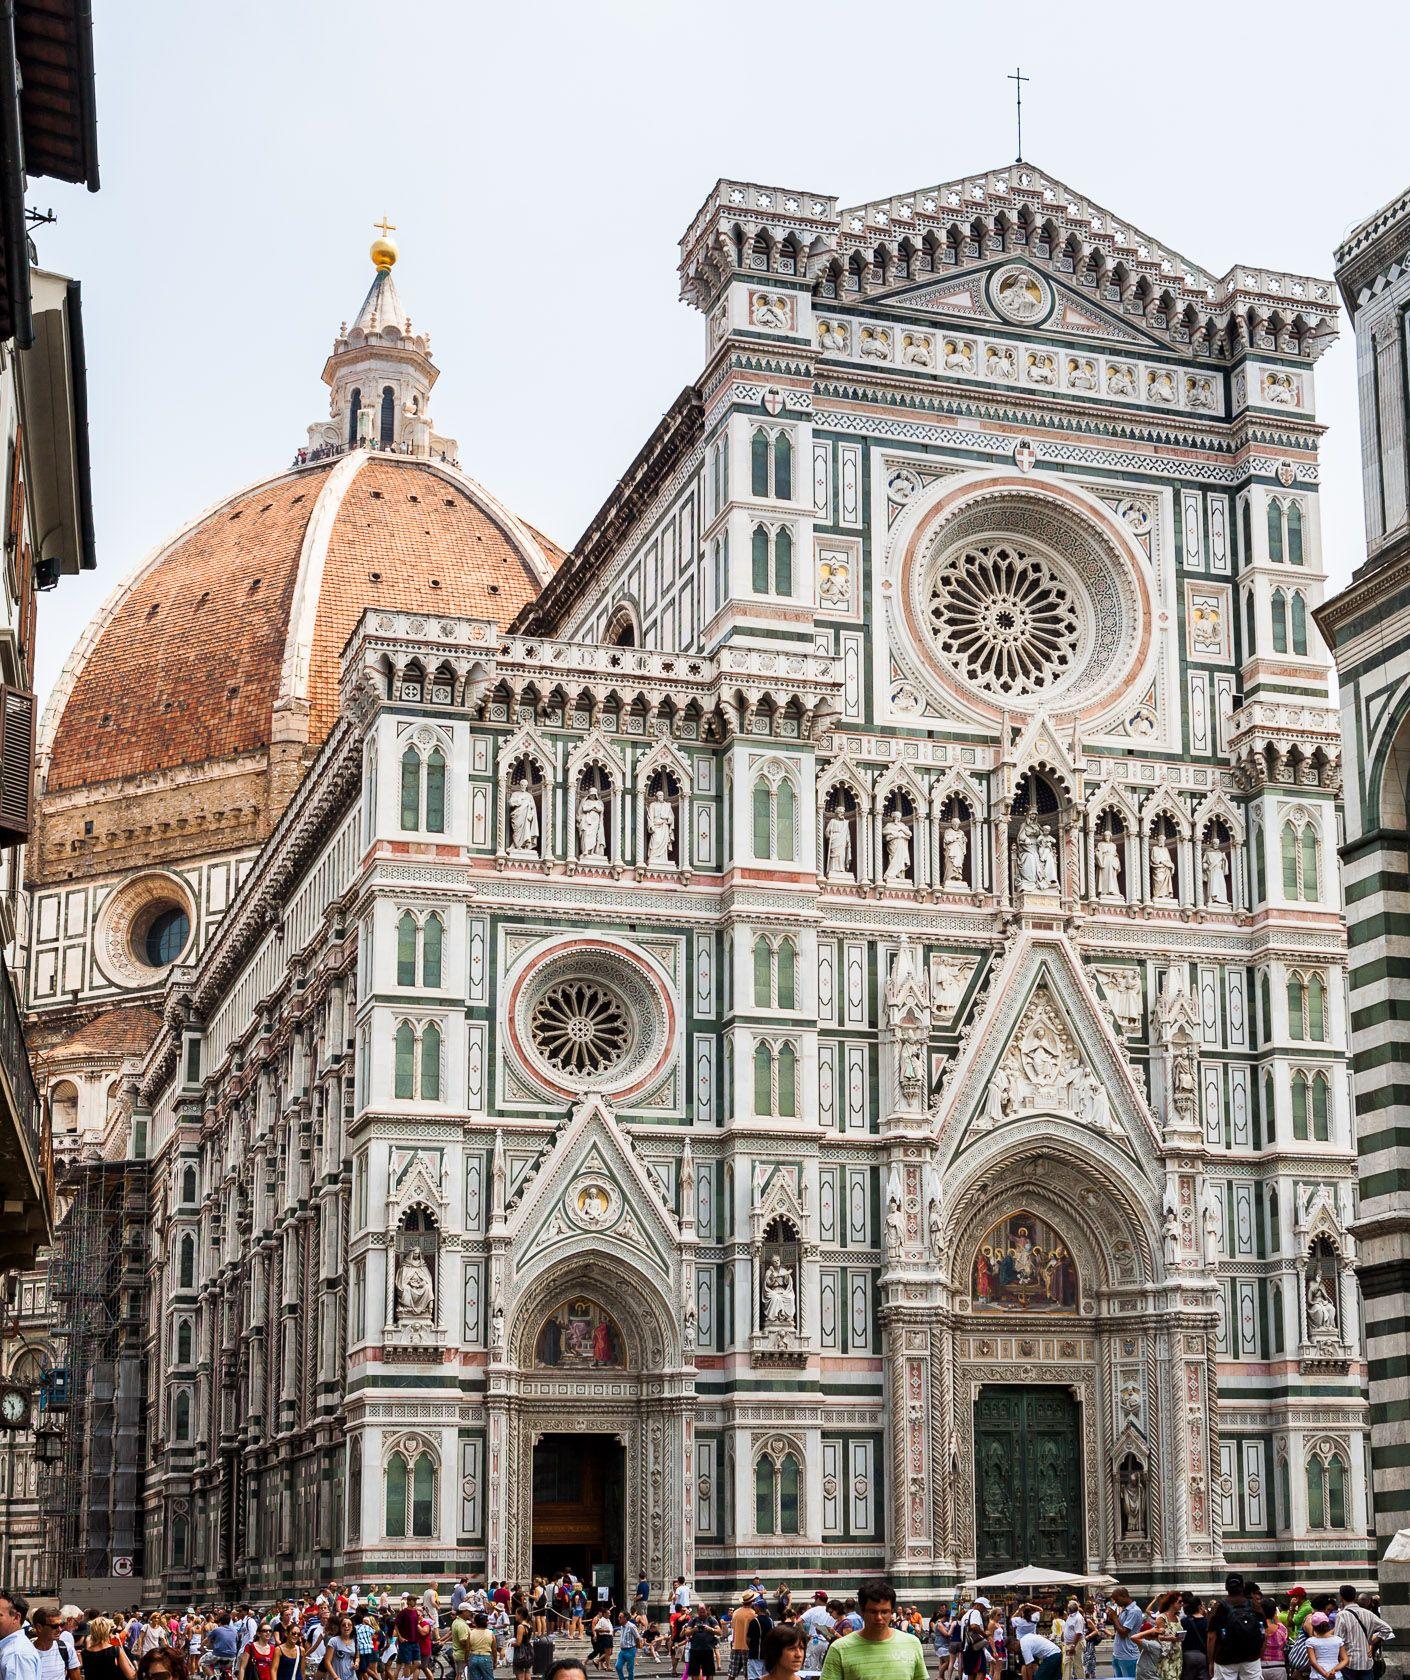 Fasada katedry Santa Maria del Fiore we Florencji. Na drugim planie widoczna wspaniała kopuła przykrywająca wschodnią część budowli.